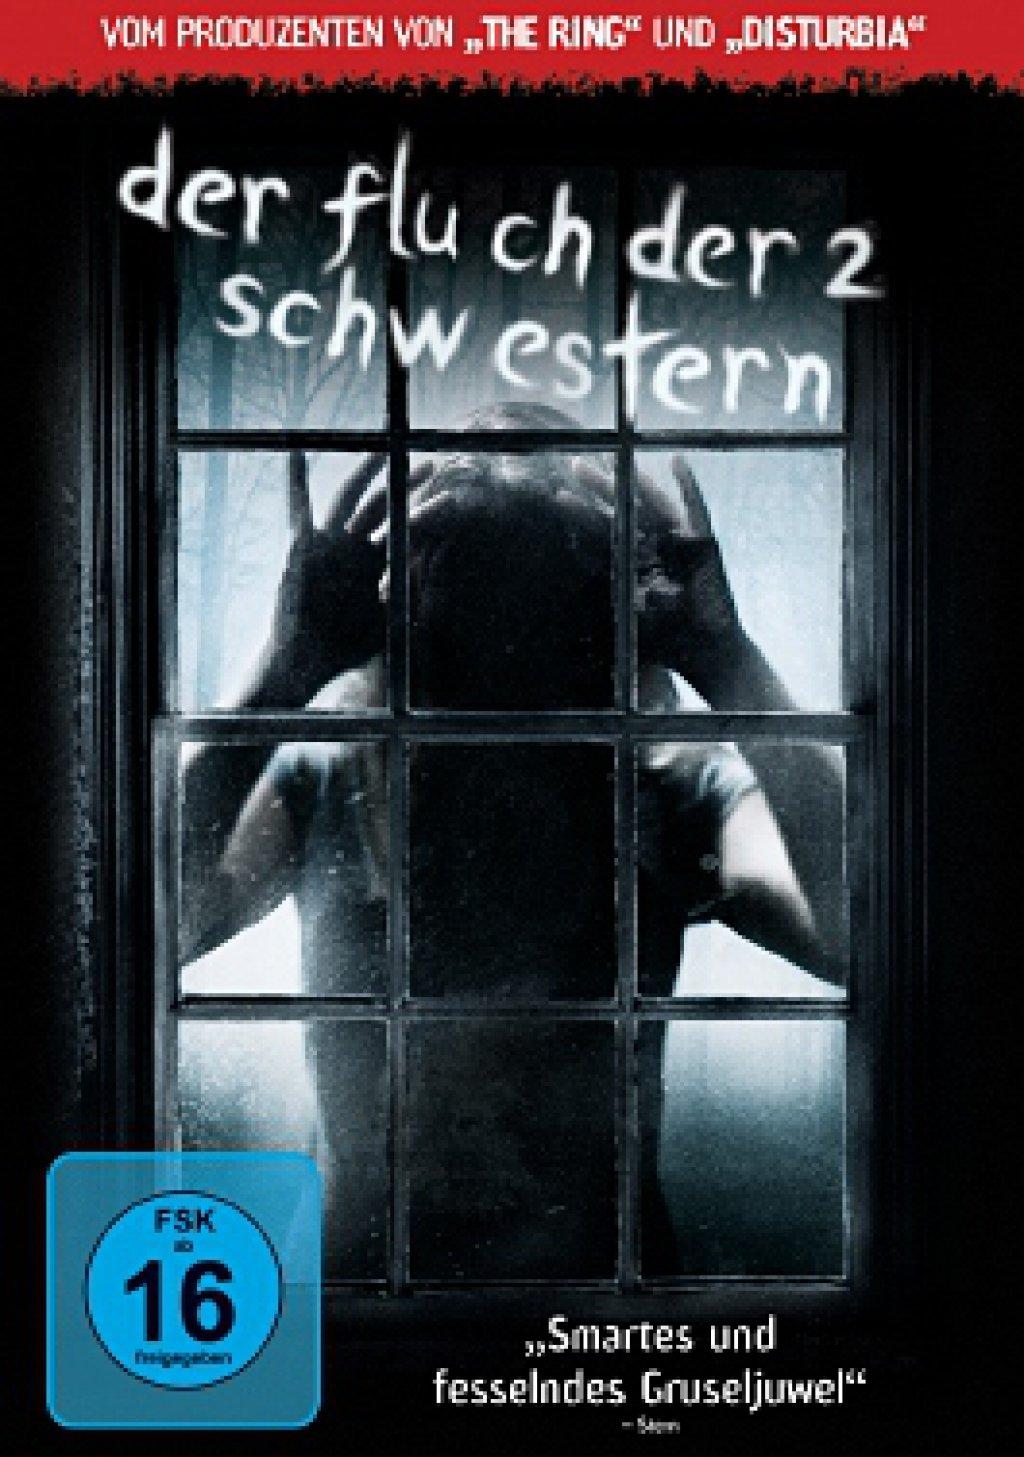 Der Fluch der 2 Schwestern (DVD)